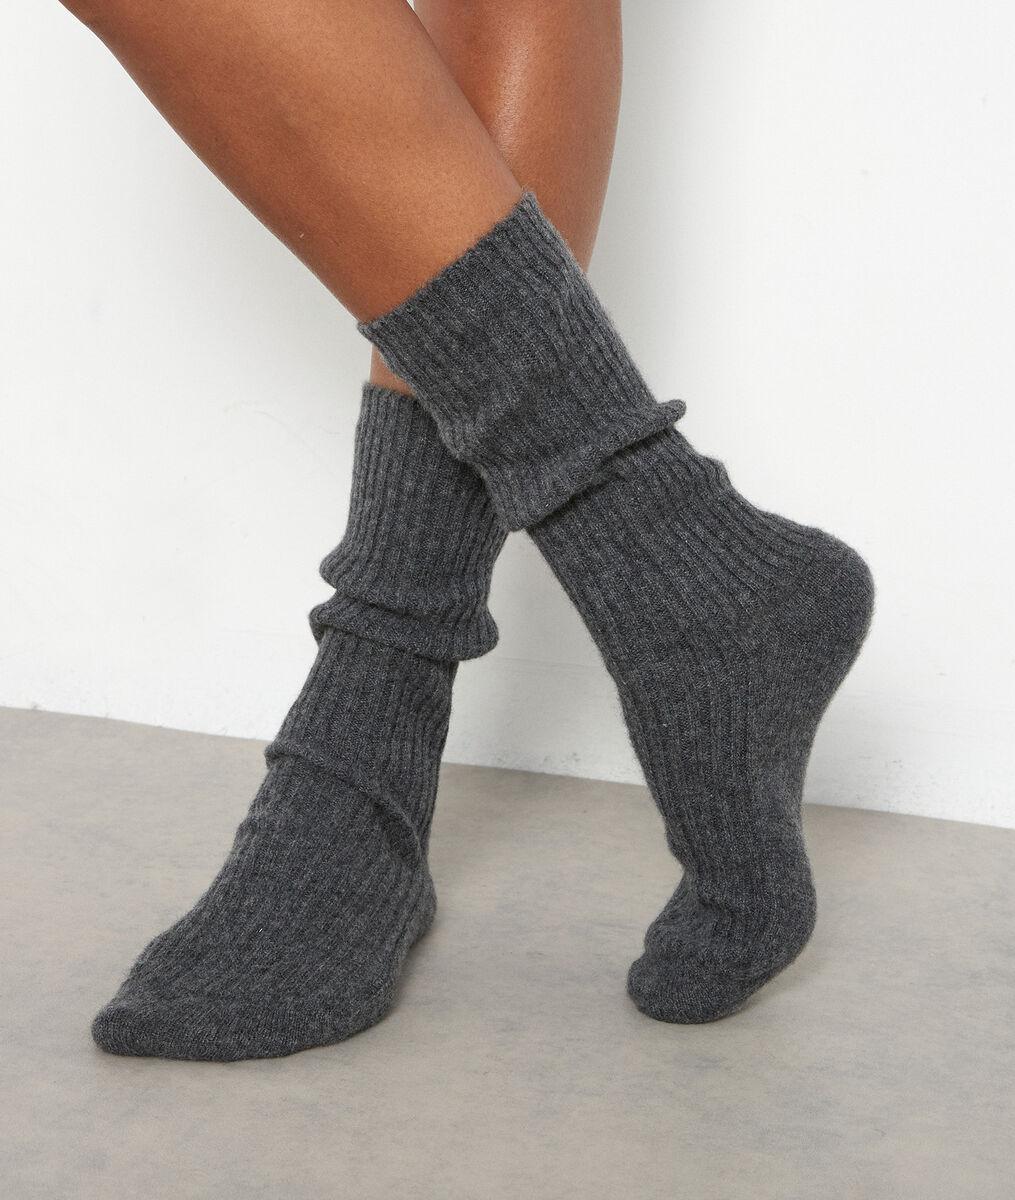 Chaussettes en cachemire côtelé gris anthracite Thevan PhotoZ | 1-2-3